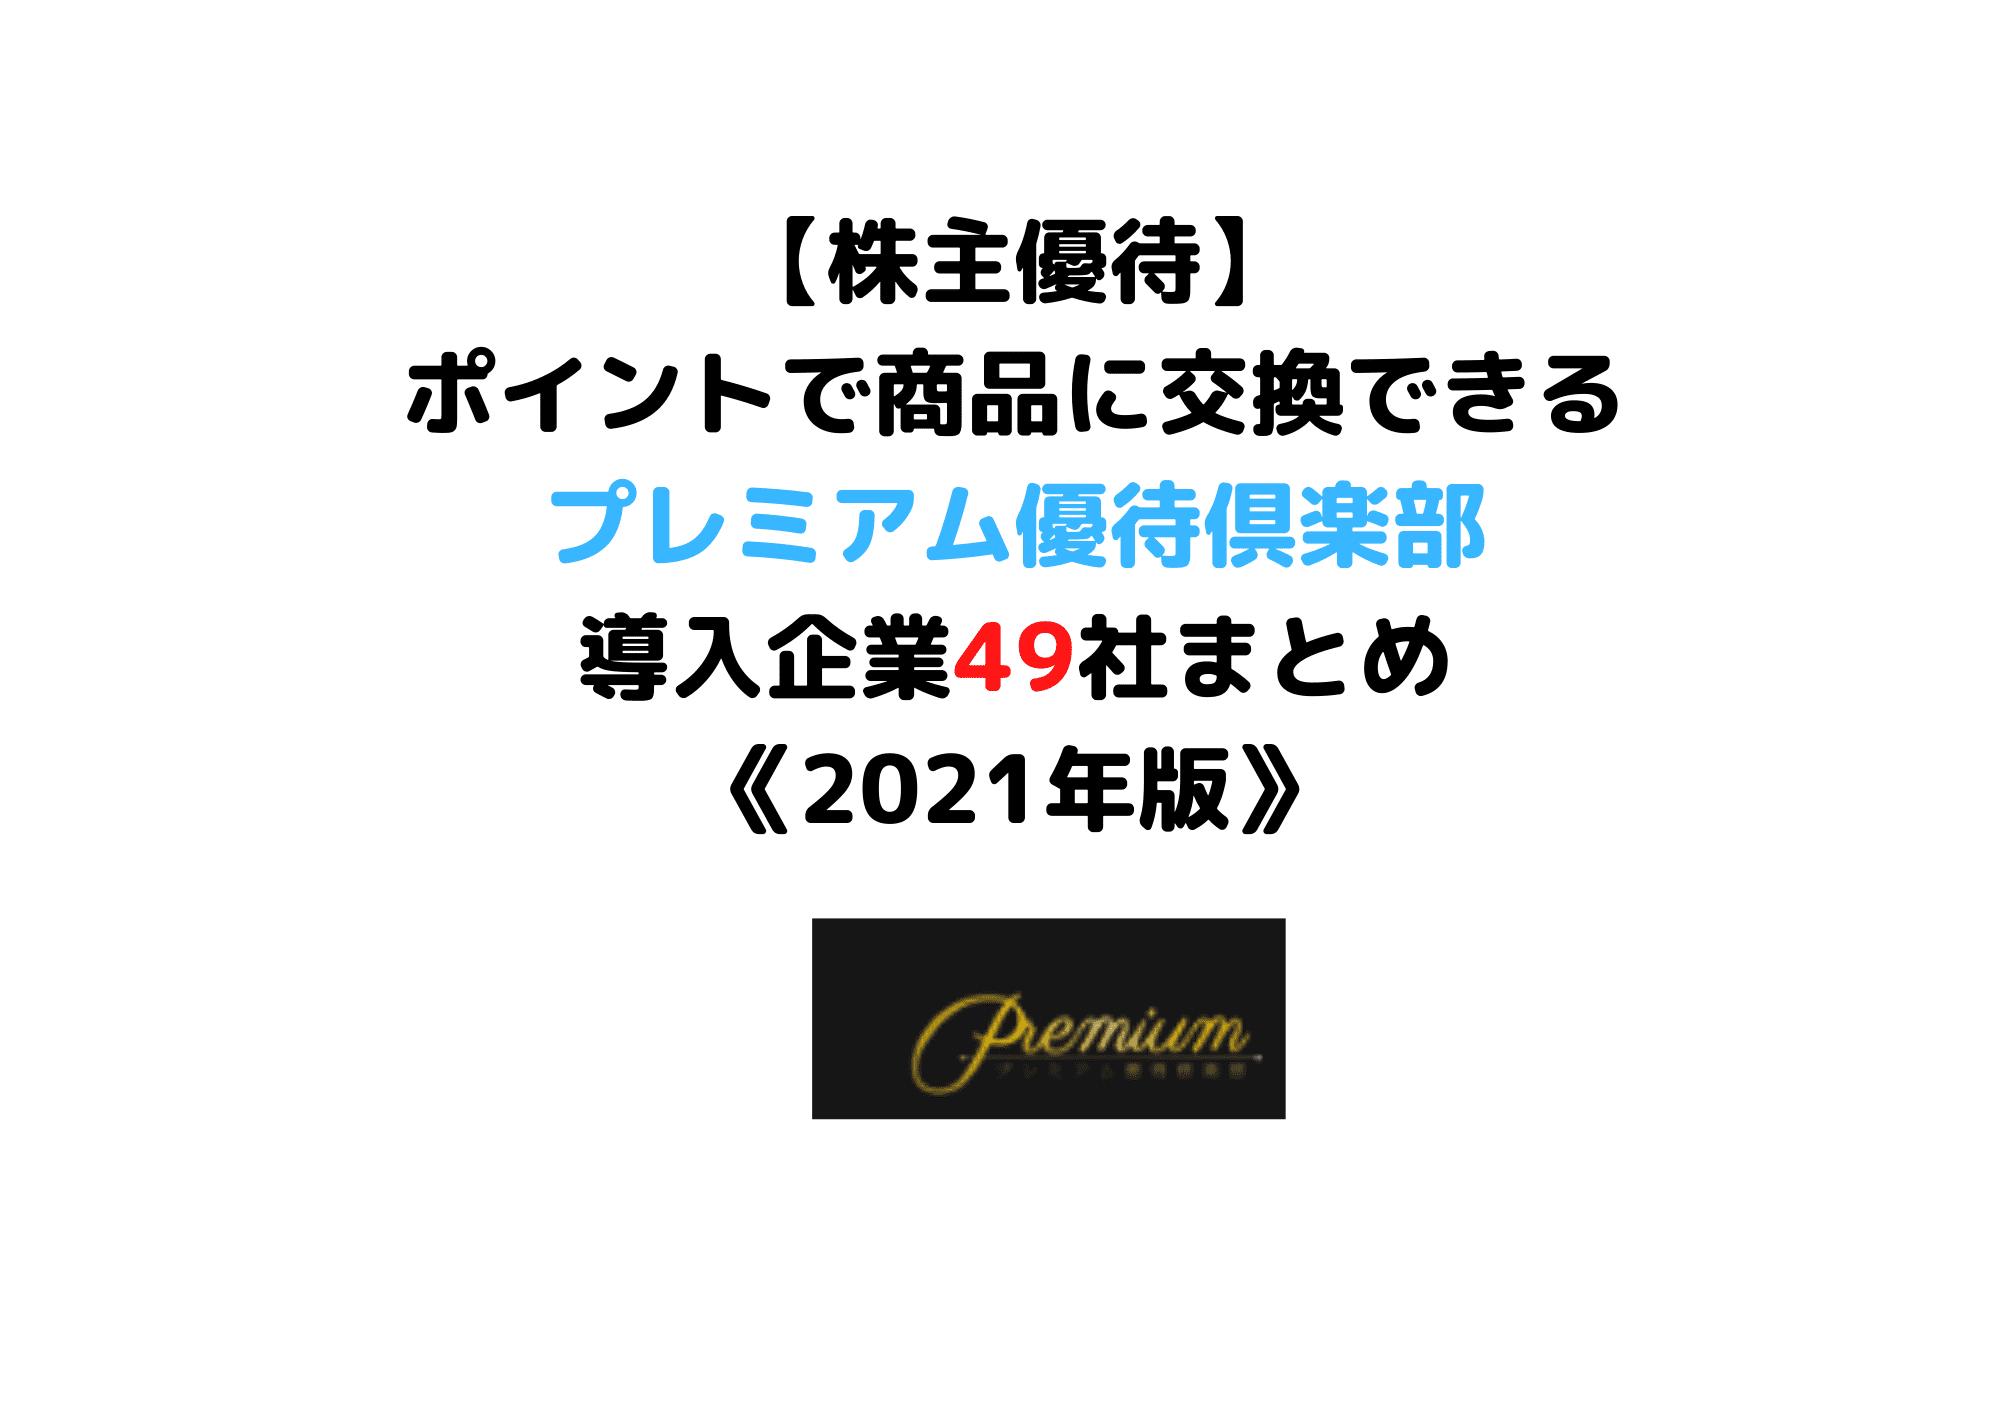 株主優待 プレミアム優待 (1)